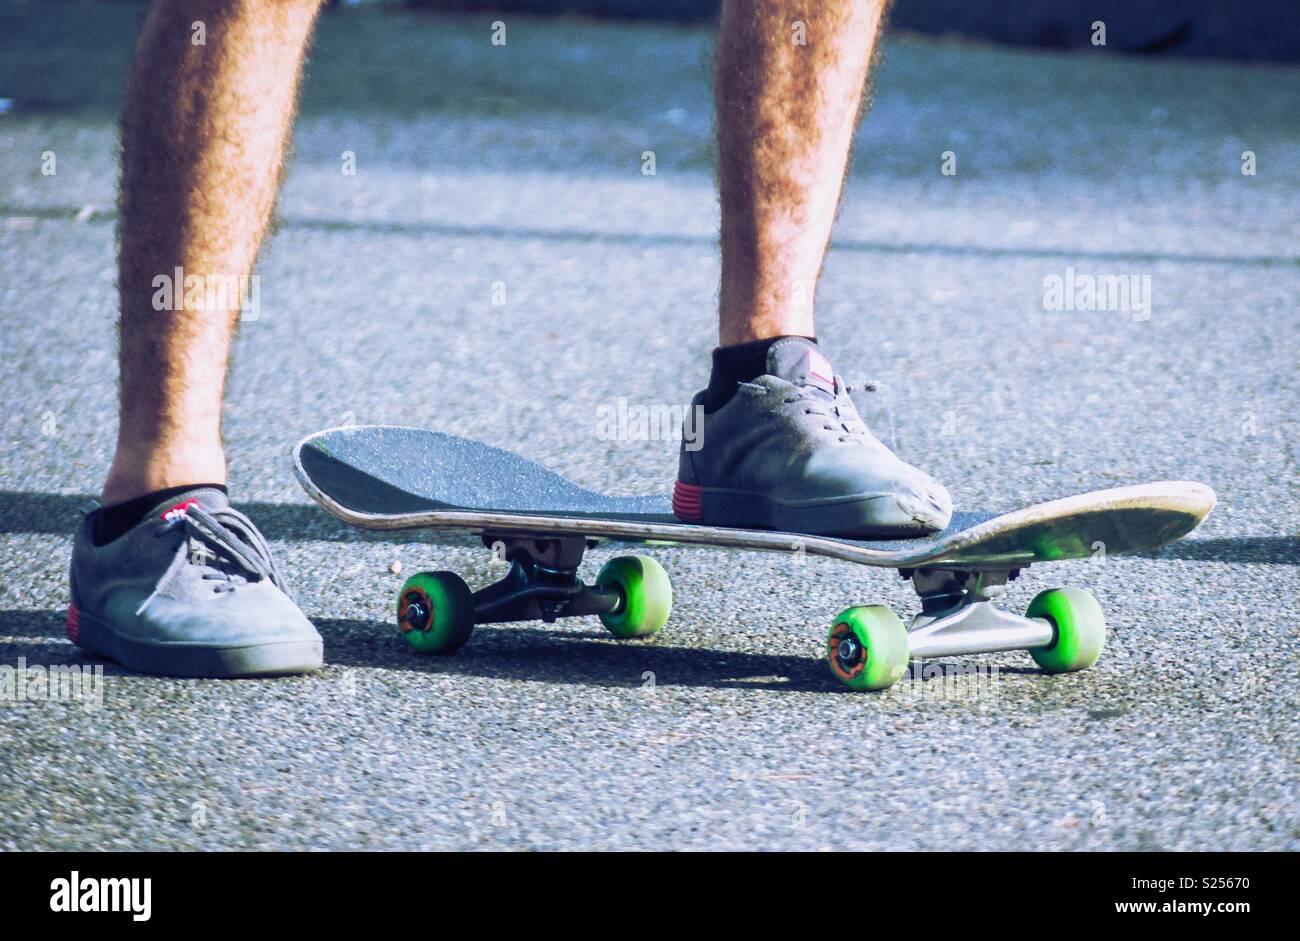 Joven en patineta Imagen De Stock